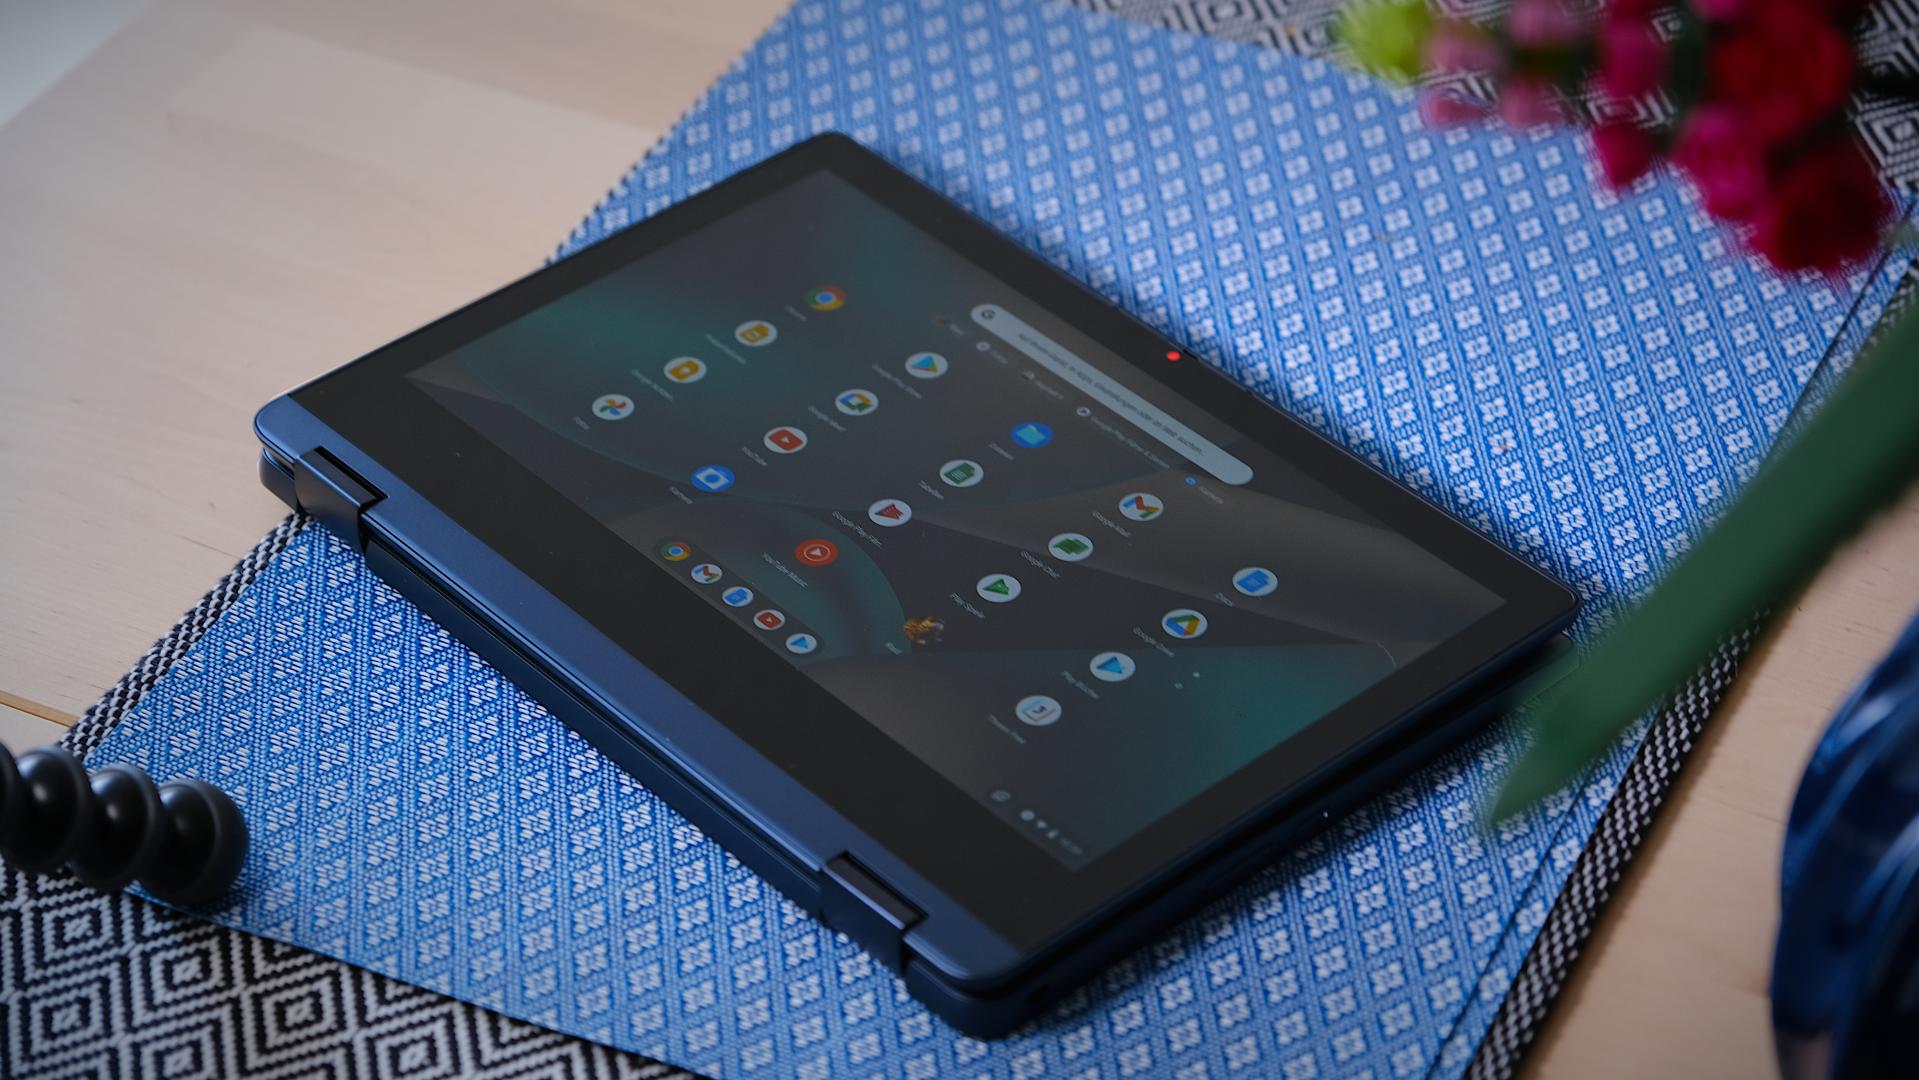 Flex 3 Chromebook weighs